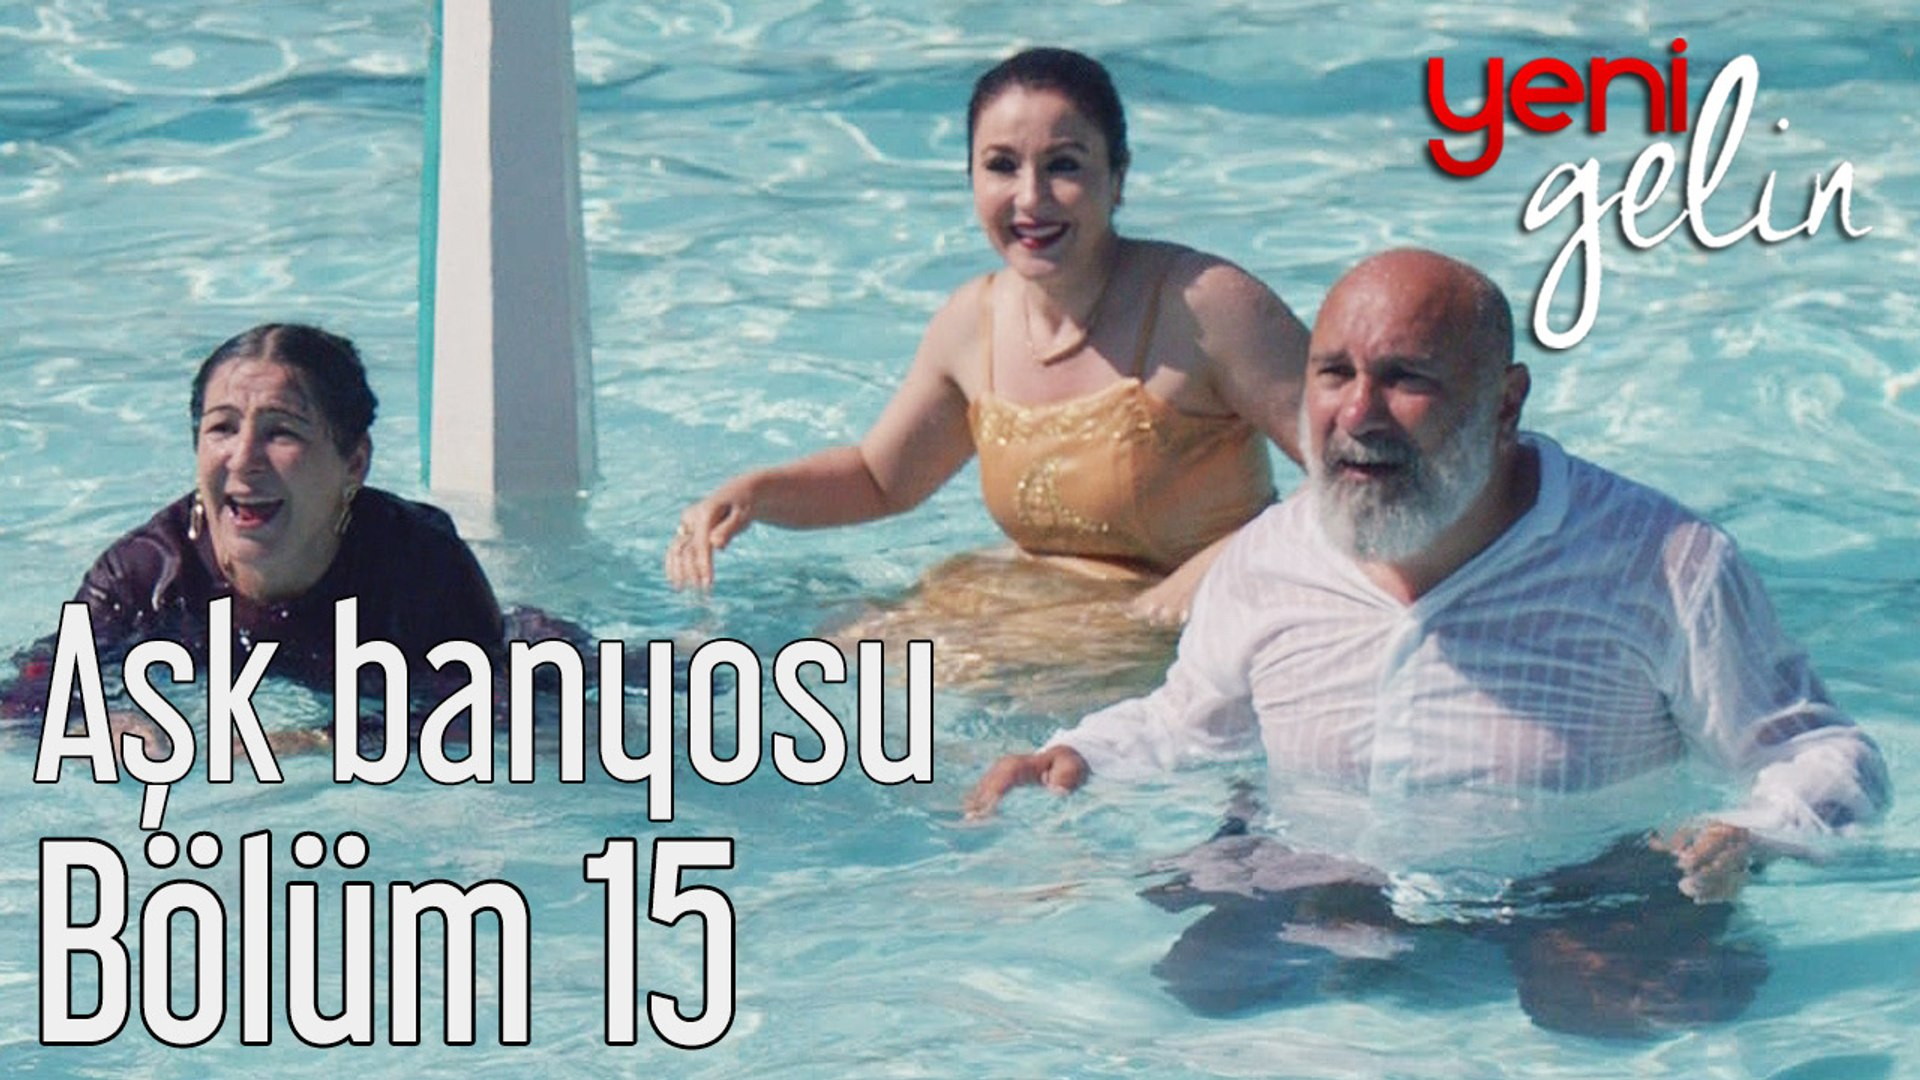 Yeni Gelin 15. Bölüm Aşk Banyosu